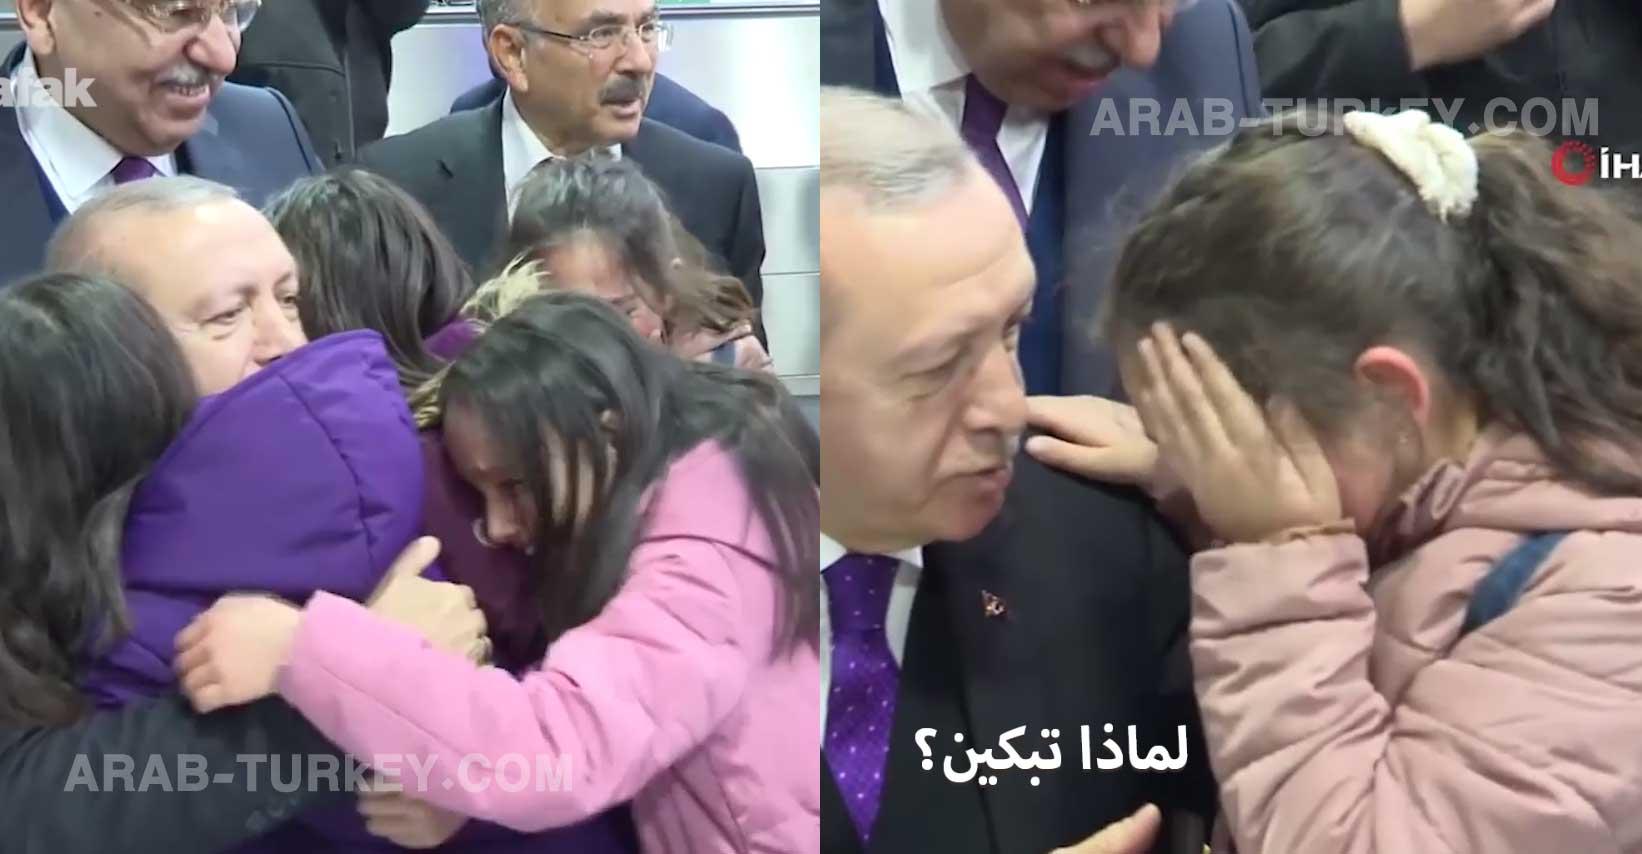 الرئيس أردوغان يتسبب في أزمة عاطفية جماعية (فيديو لاقى رواجاً كبيراً)